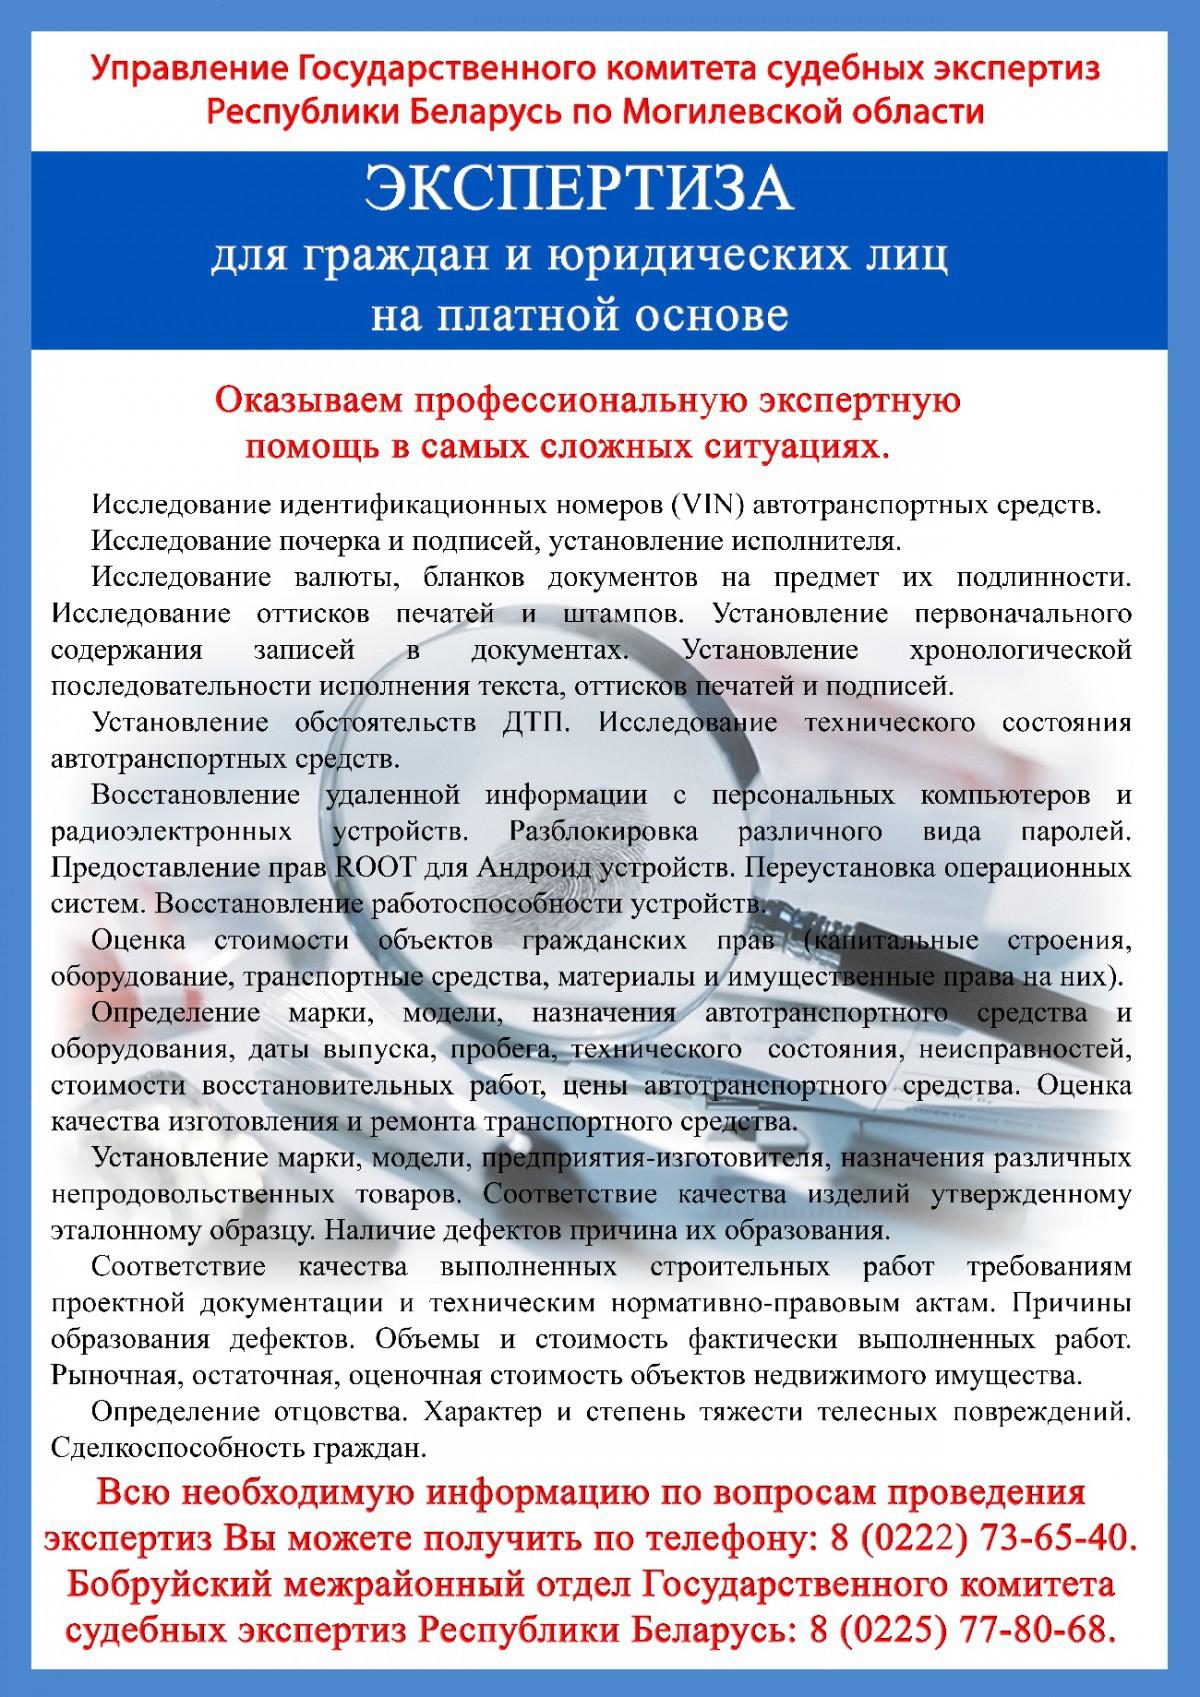 Бобруйский межрайонный отдел Государственного комитета судебных экспертиз Республики Беларусь